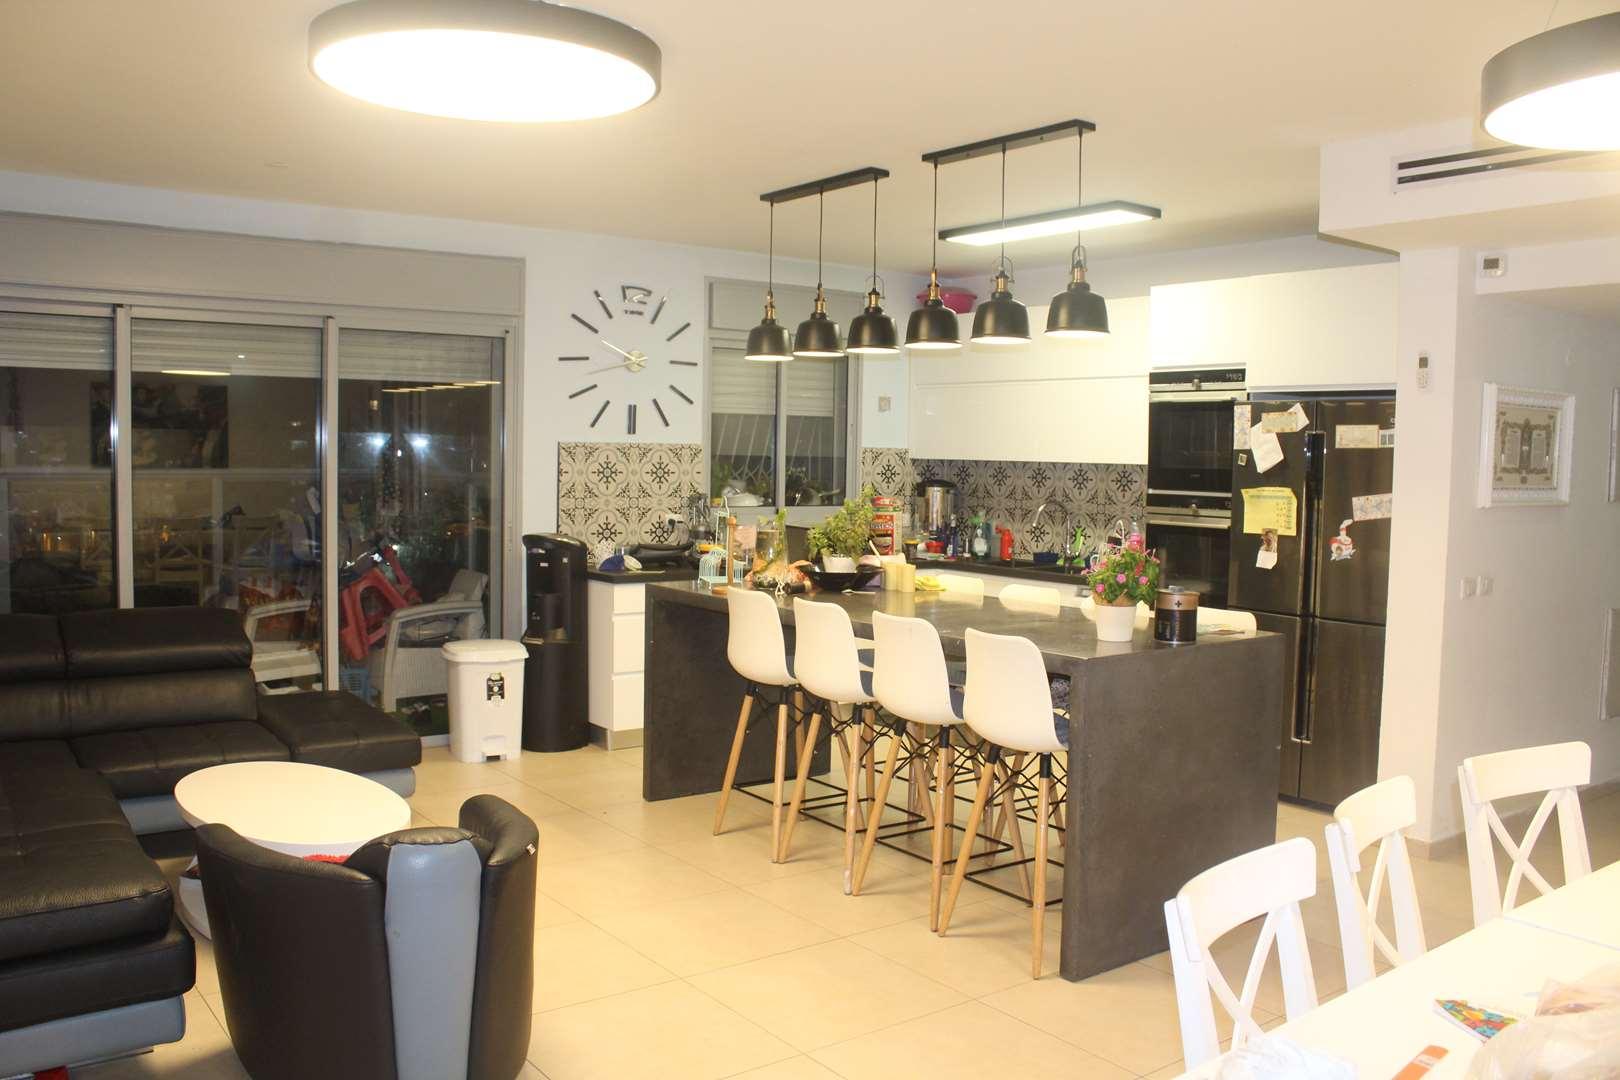 דירה להשכרה 5 חדרים ברחובות פרופ' אפרים קציר 3 שכונת המדע